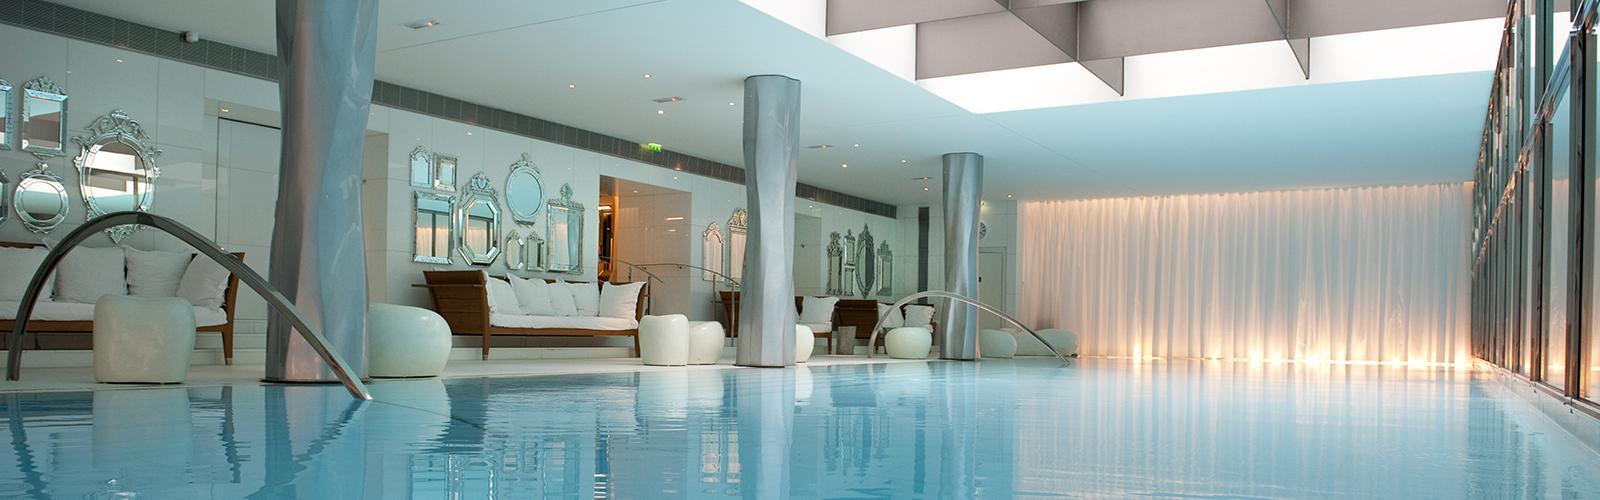 spa my blend by clarins h tel le royal monceau raffles paris paris clarins. Black Bedroom Furniture Sets. Home Design Ideas